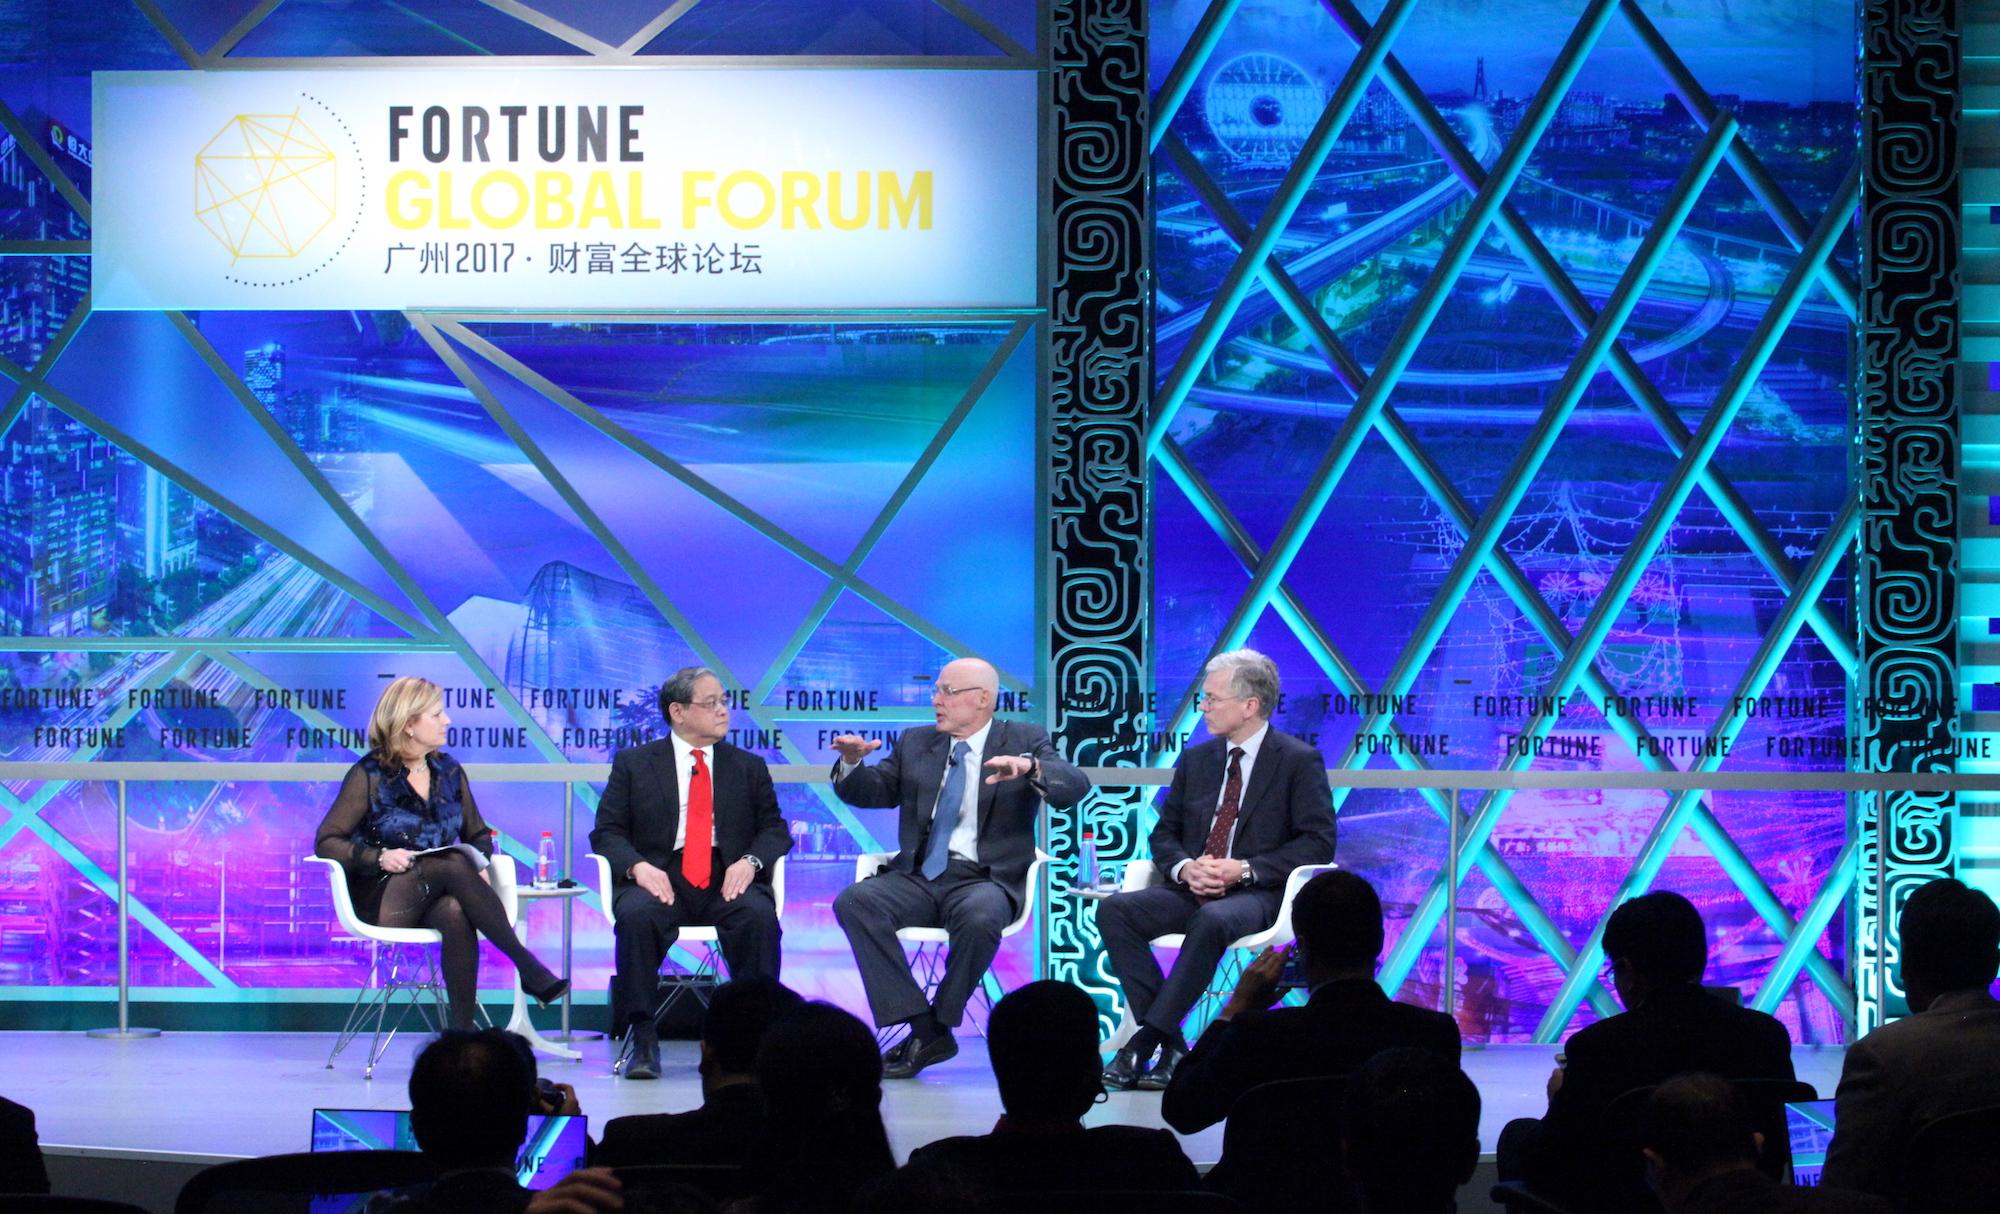 探讨开放与创新—2017广州《财富》全球论坛全体会议举行